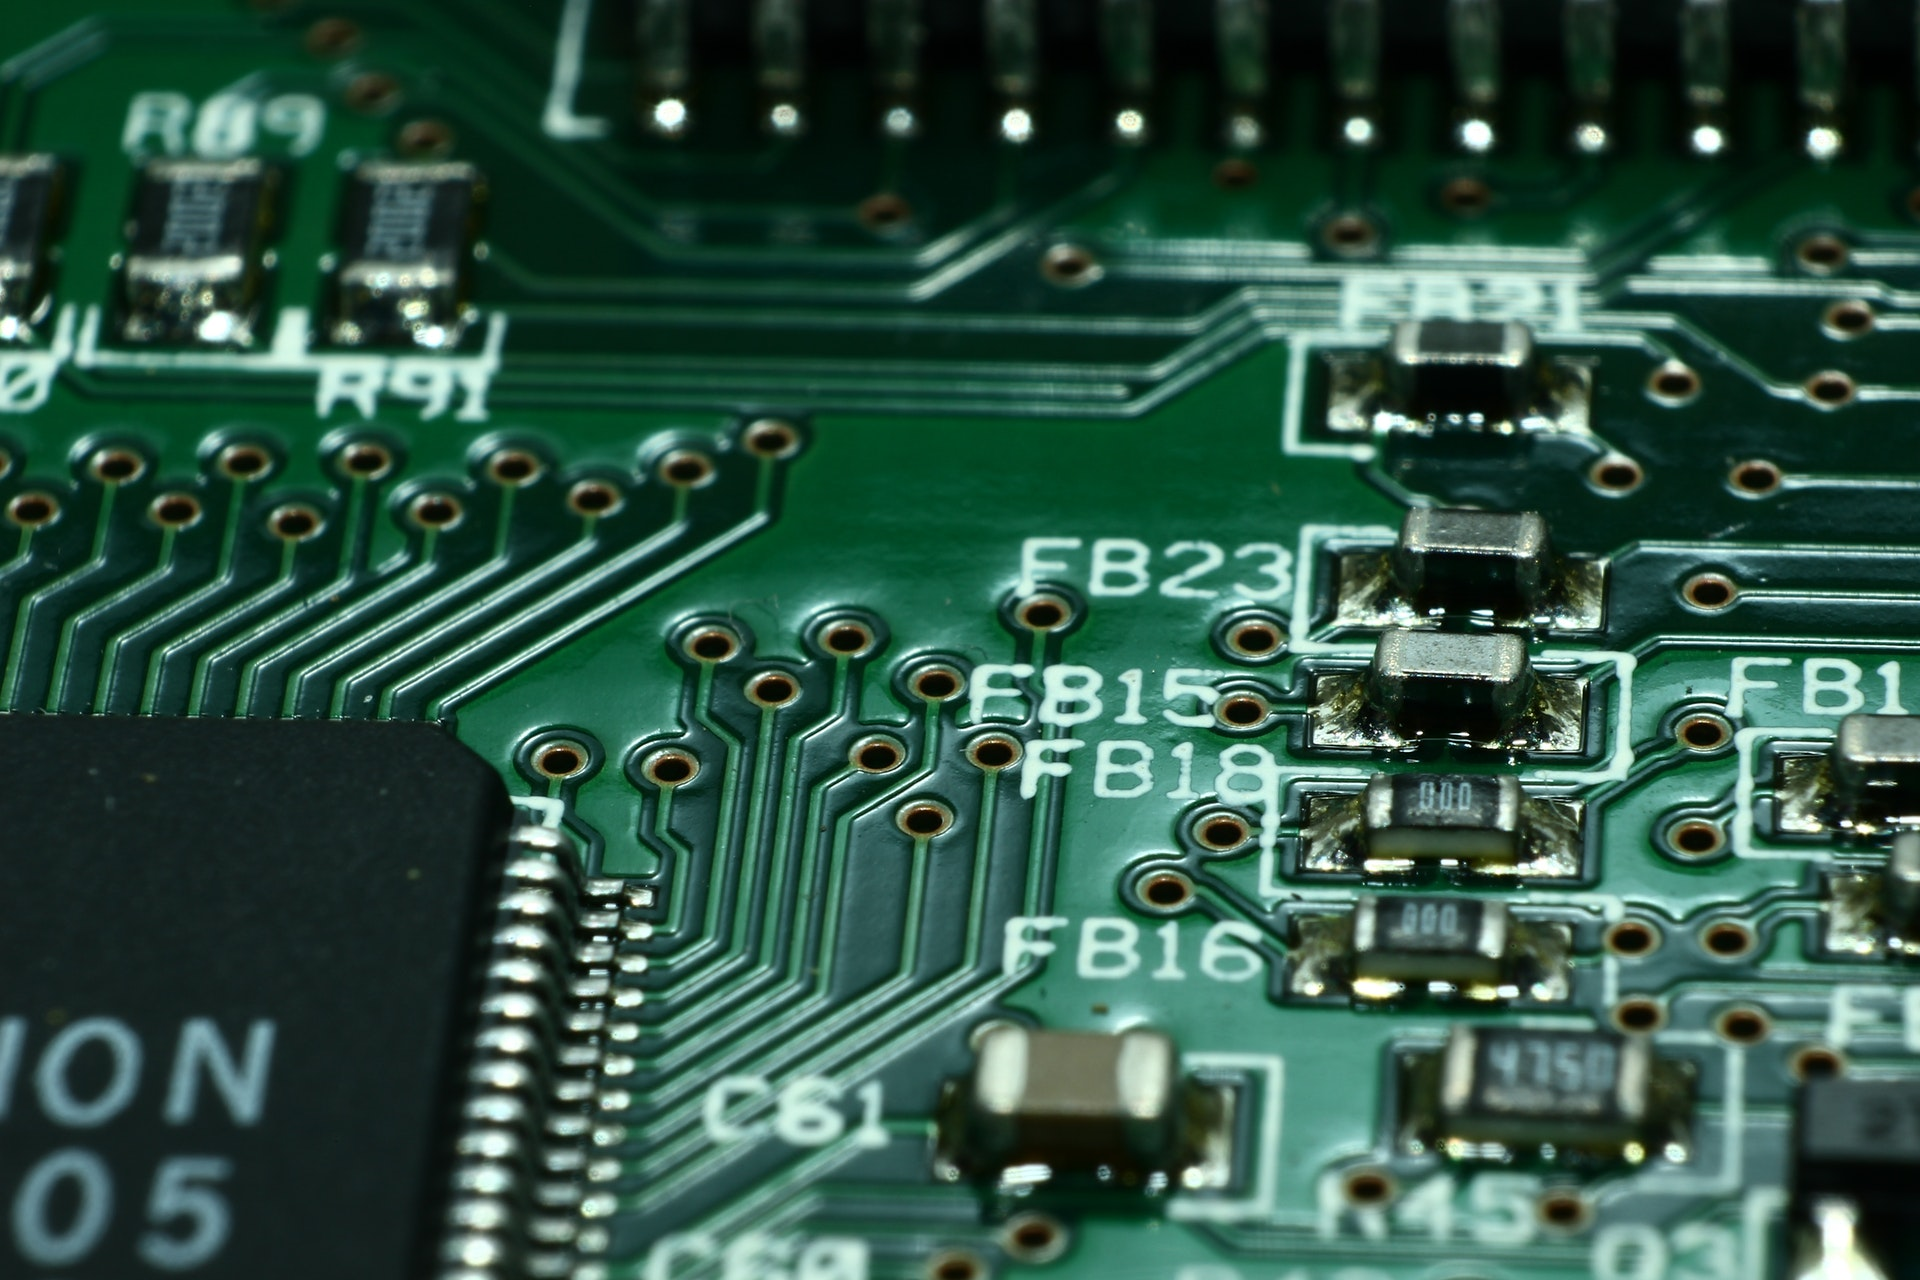 SPI, UART e I2C